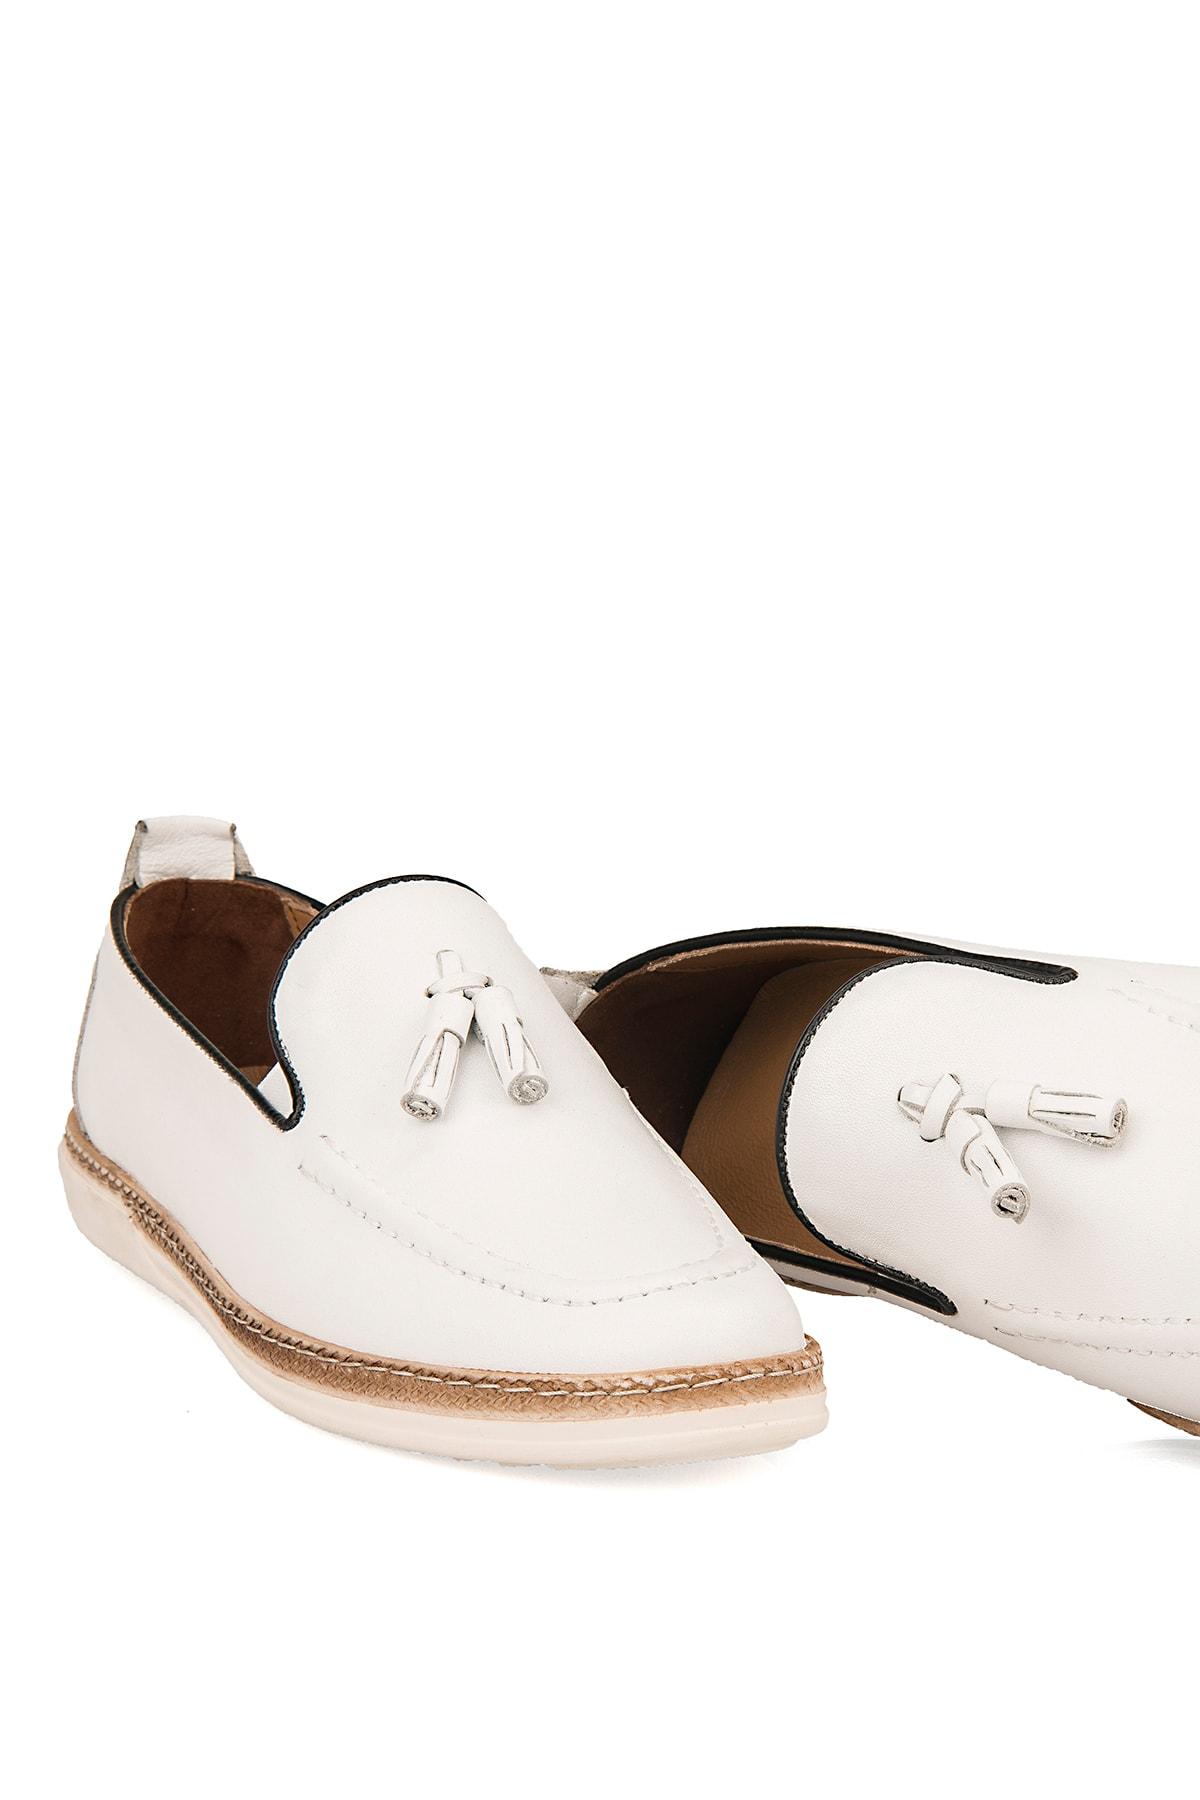 Ziya Hakiki Deri Beyaz Erkek Ayakkabı 101415 506067 1